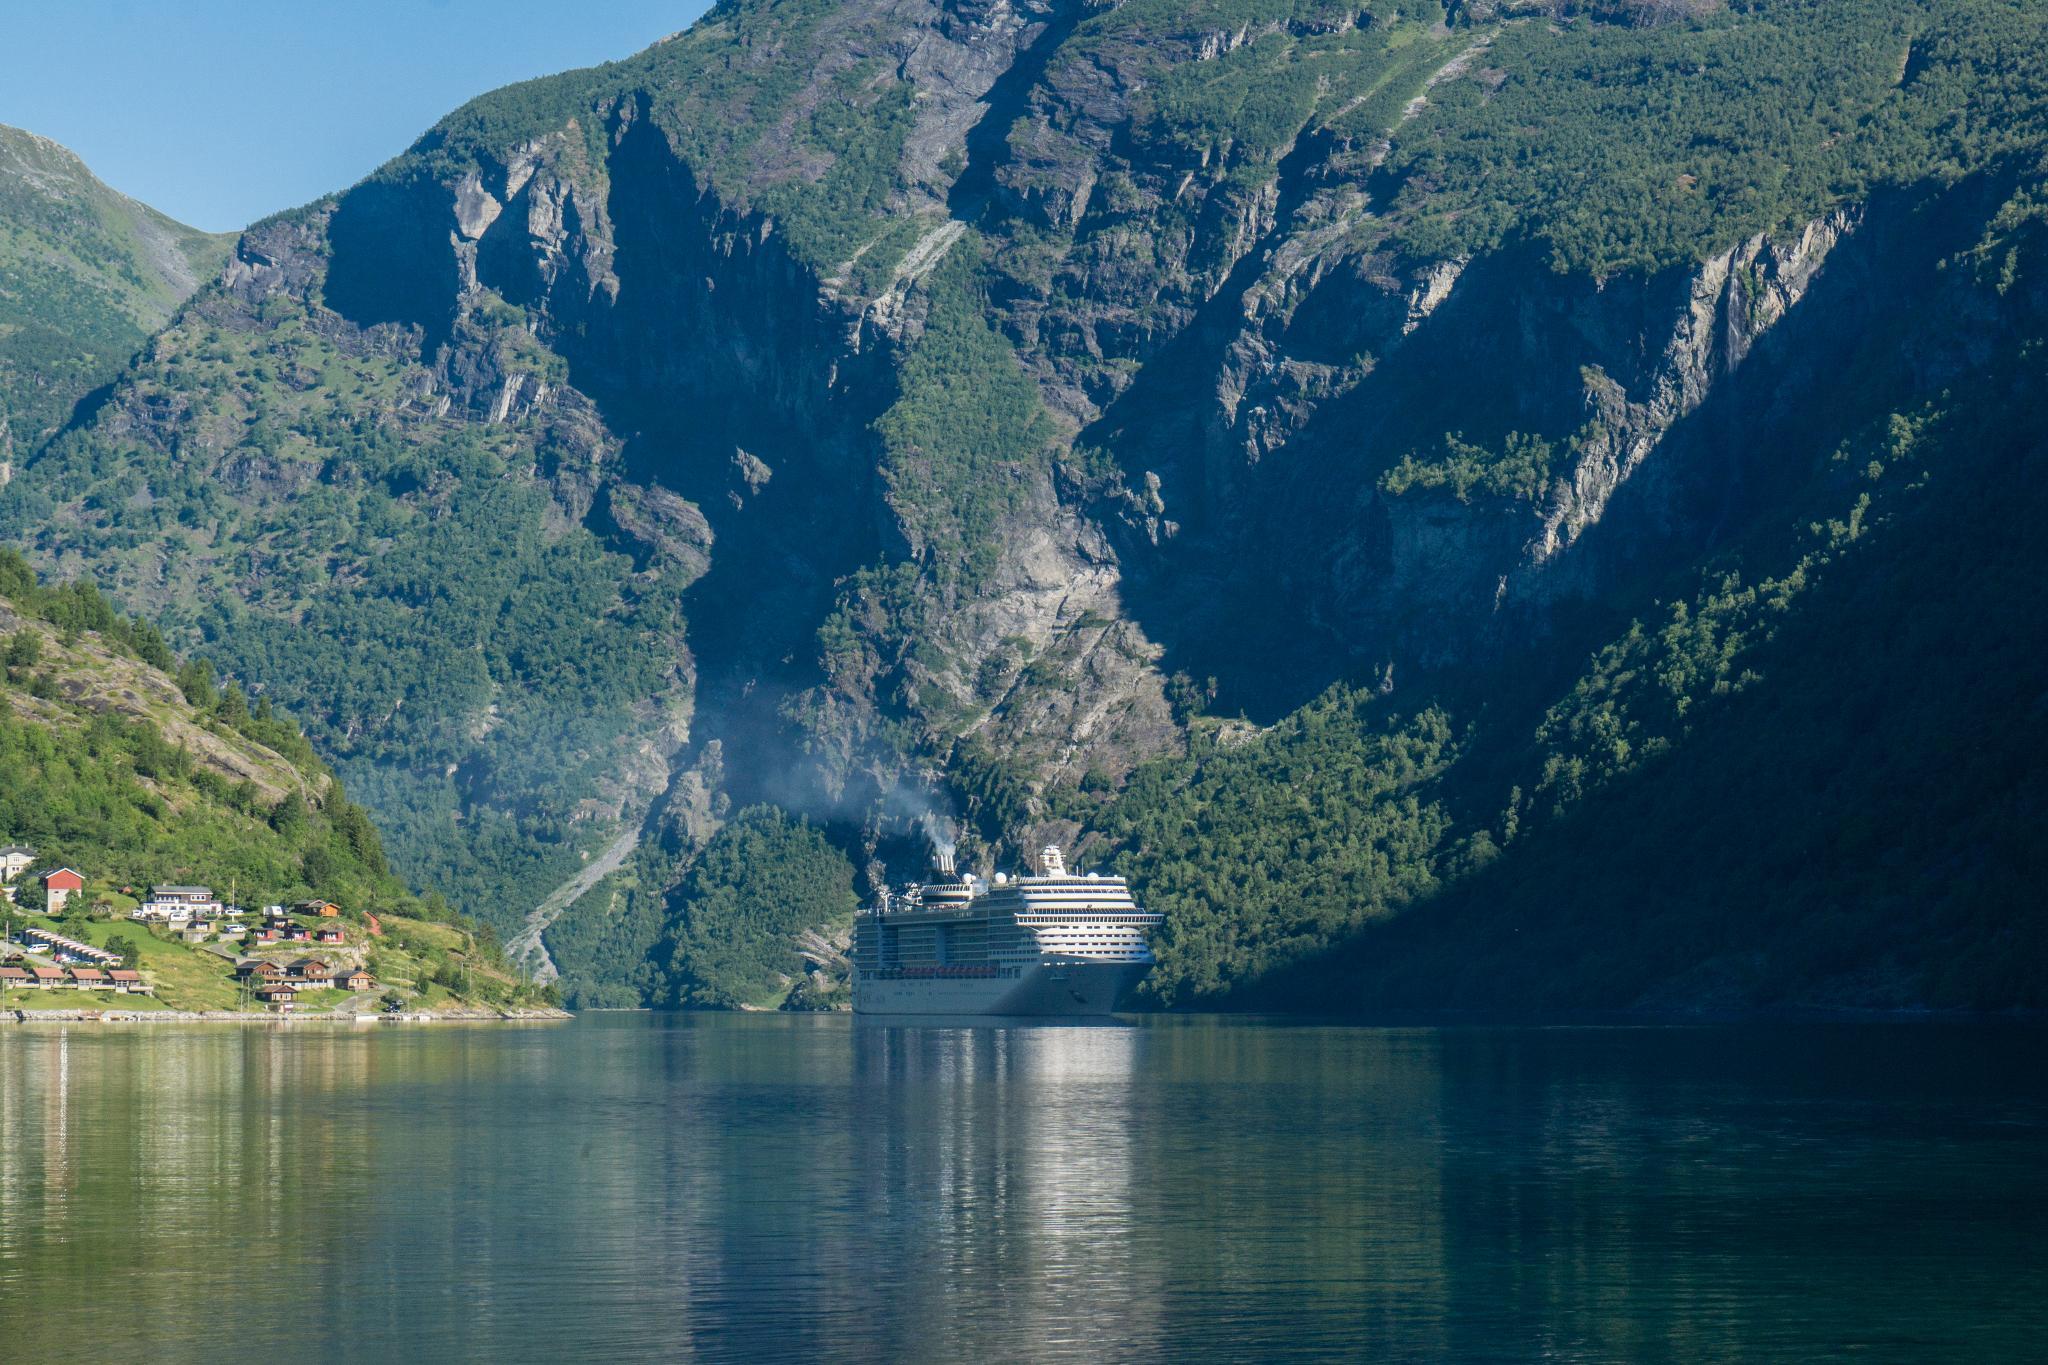 【北歐景點】Ørnesvingen 老鷹之路 ∣ 挪威世界遺產 — 蓋倫格峽灣景點總整理 4